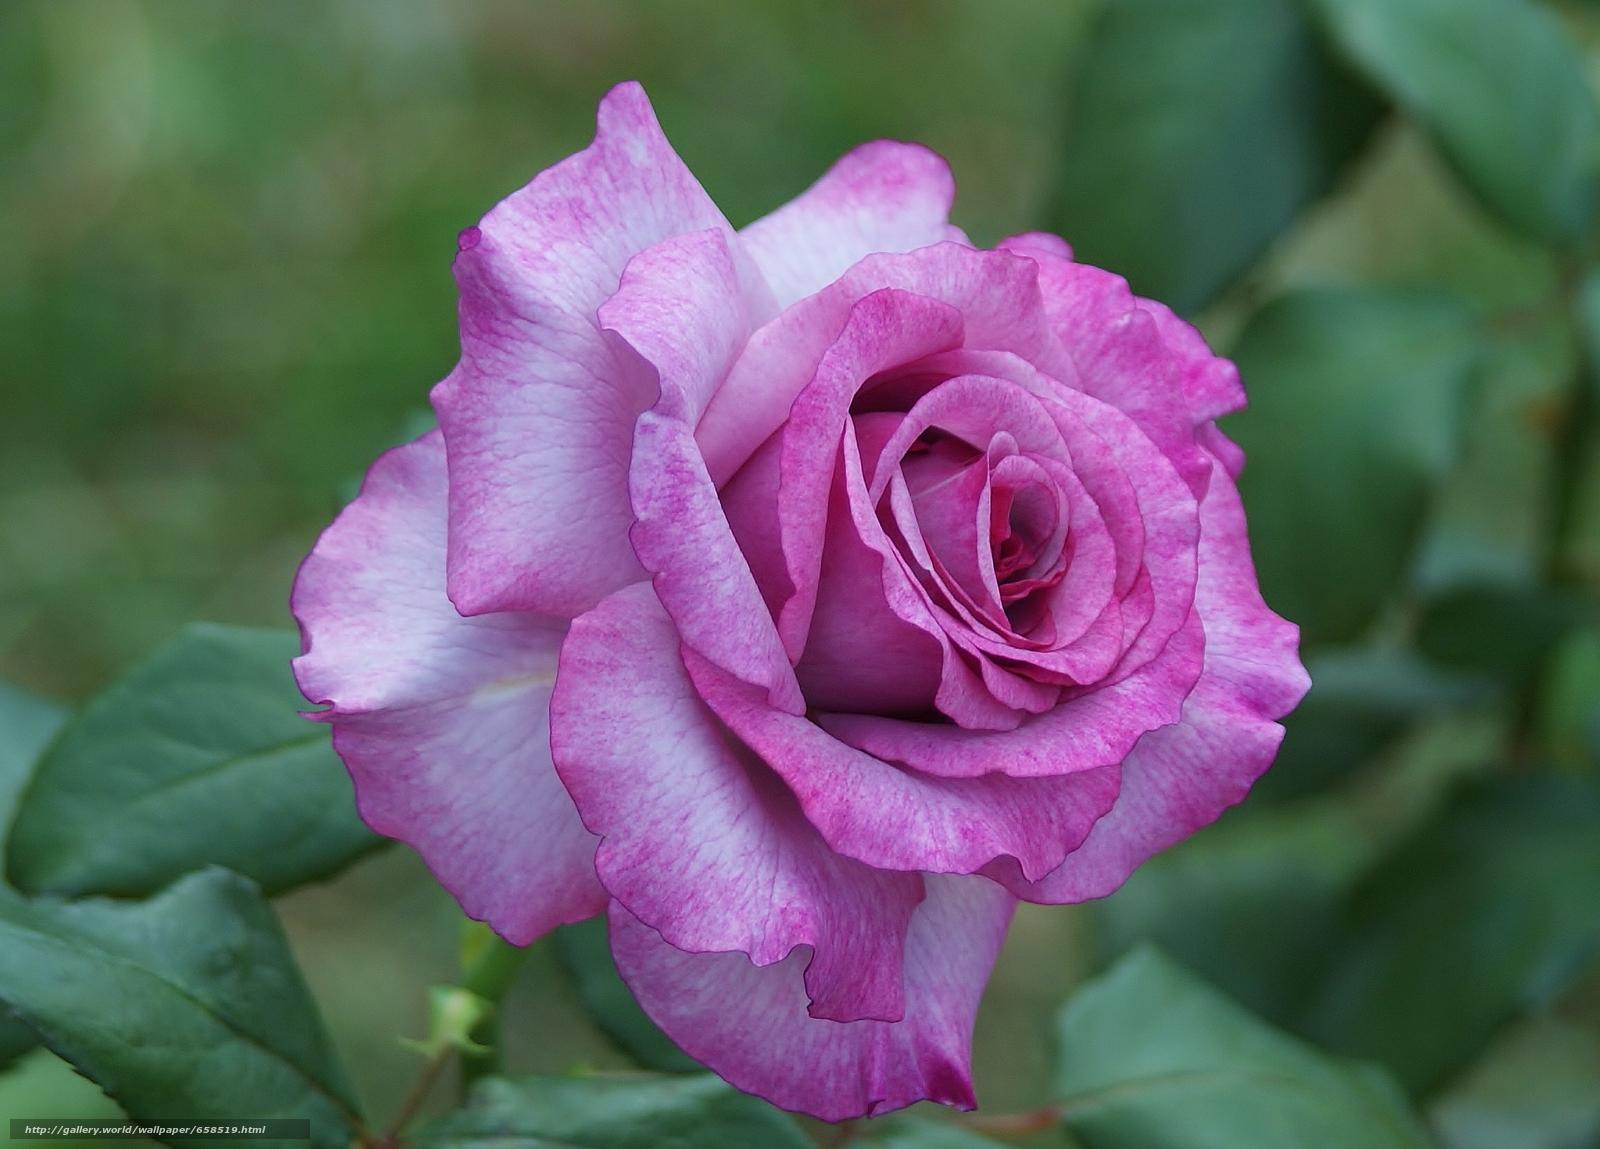 pobra tapety kwiat,  Kwiaty,  flora,  róża Darmowe tapety na pulpit rozdzielczoci 2307x1657 — zdjcie №658519